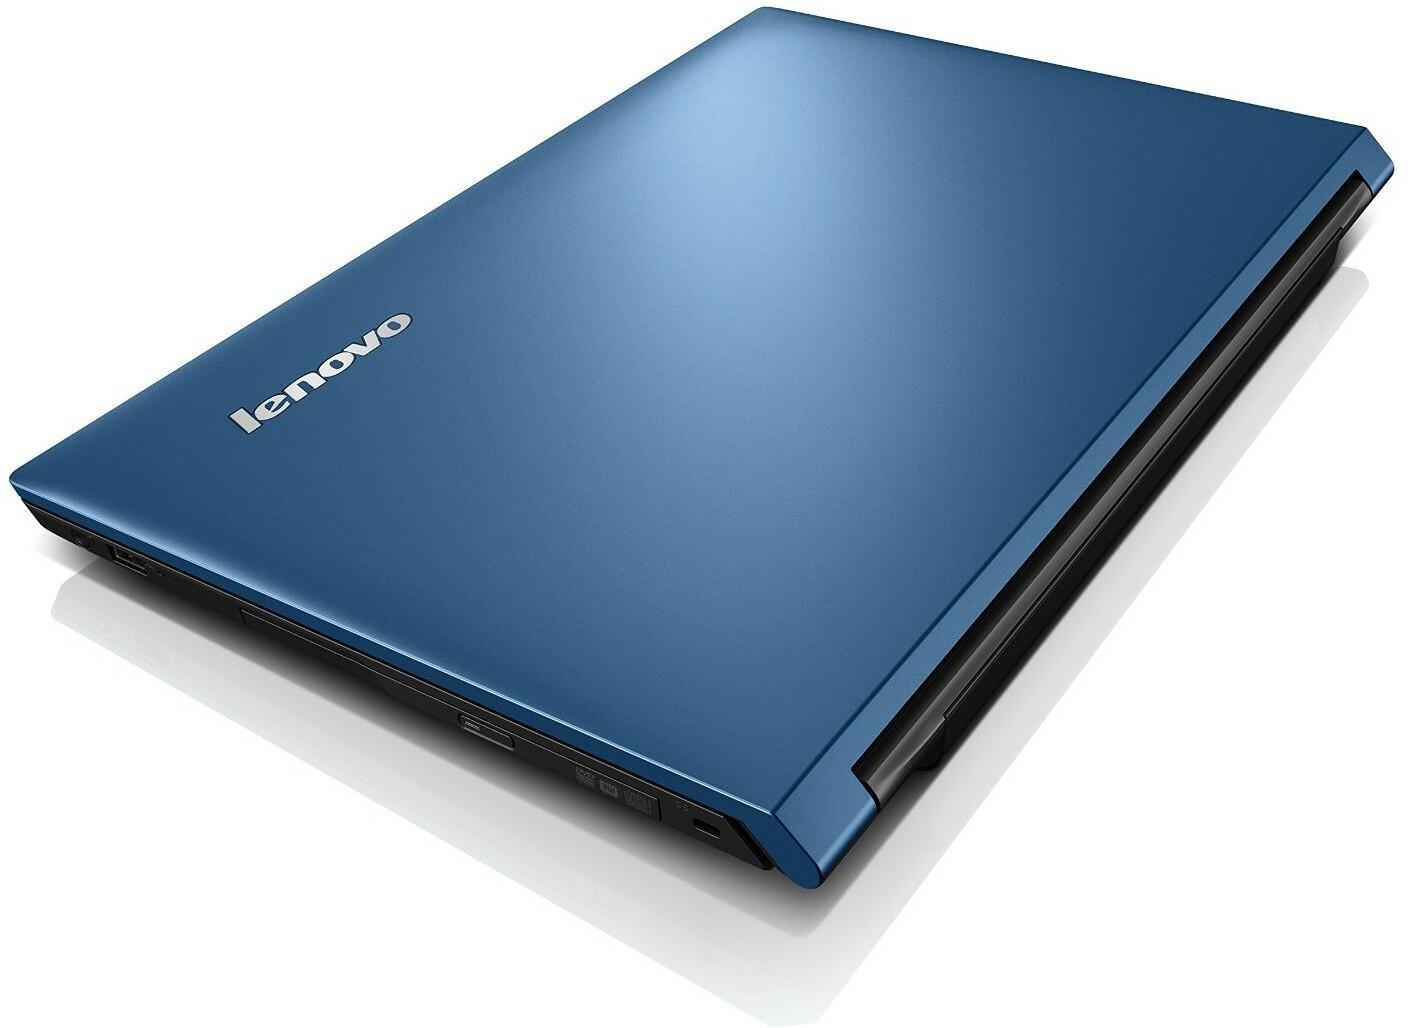 """Lenovo IdeaPad 305 15,6"""", Core i5 2,2GHz, 4GB RAM, 500GB HDD + 8GB SSD (80NJ00GWPB)"""